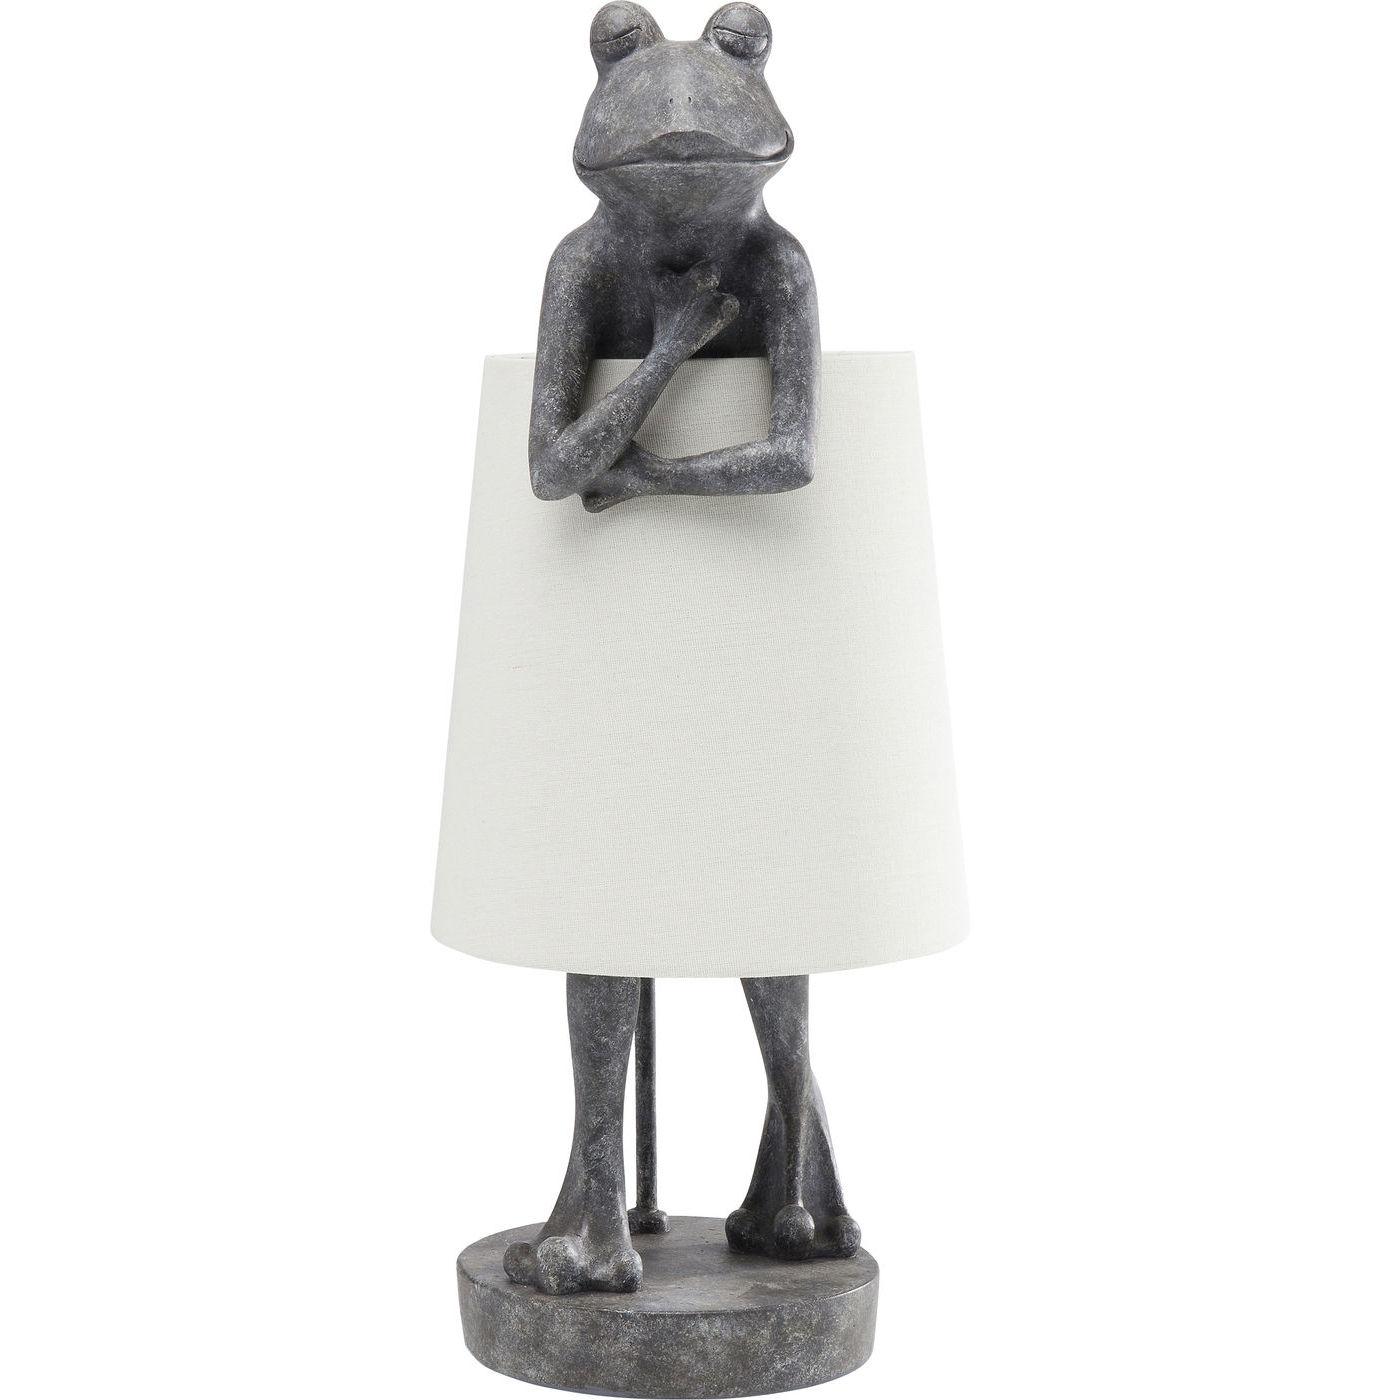 Kare design animal frog grey bordlampe - hvidt hør/grå polyresin og stål fra kare design på boboonline.dk